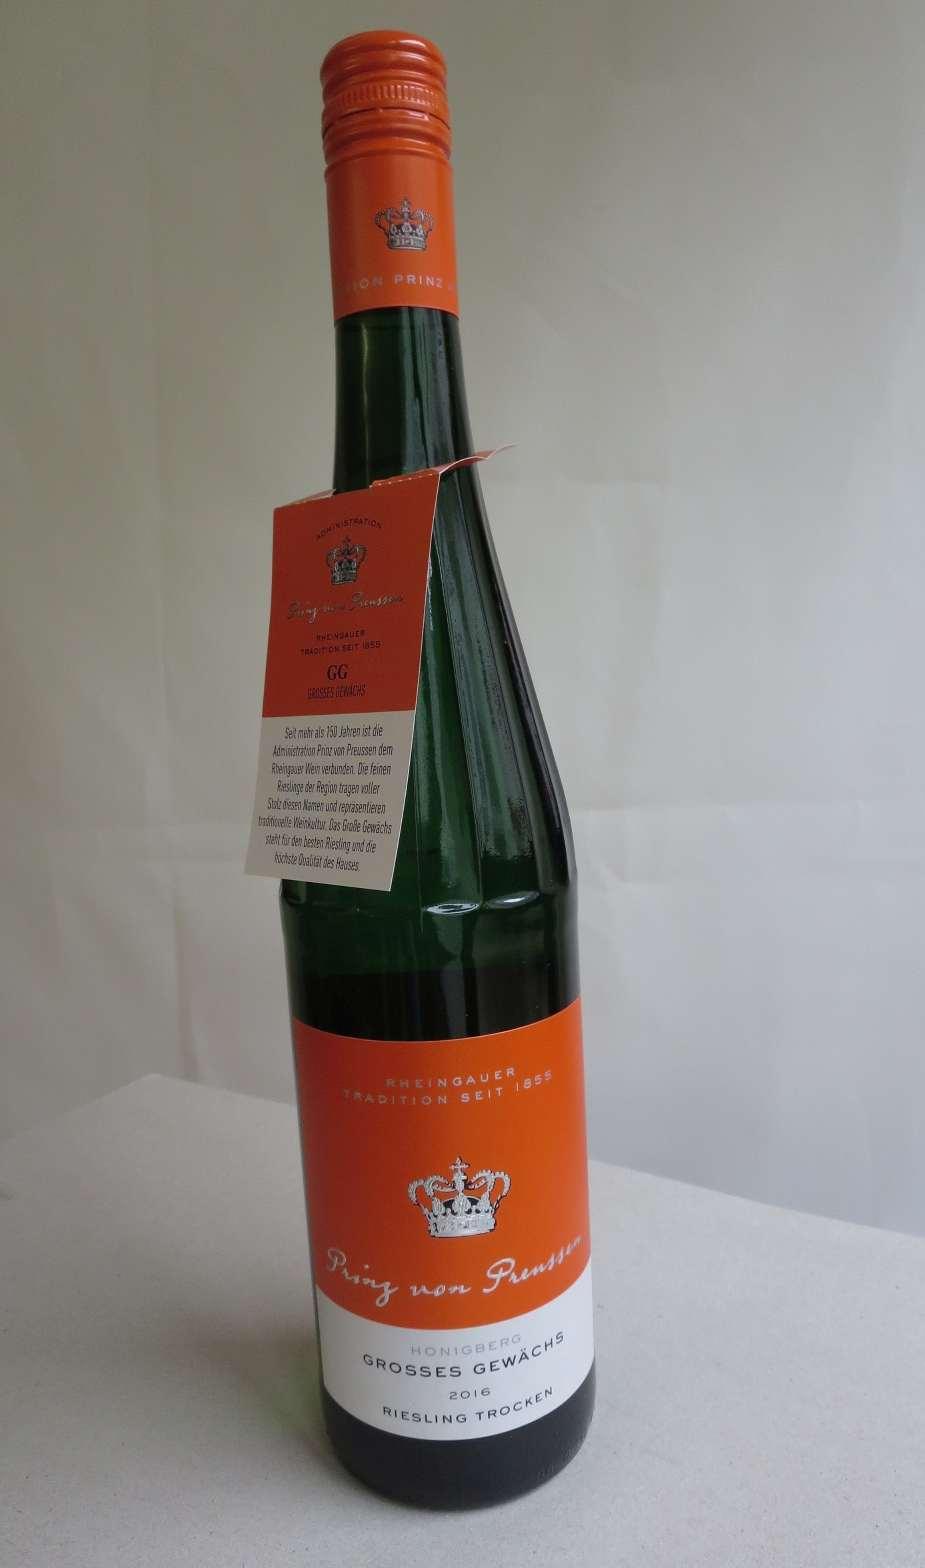 Täuschender Weinname Großes Gewächs bei Netto